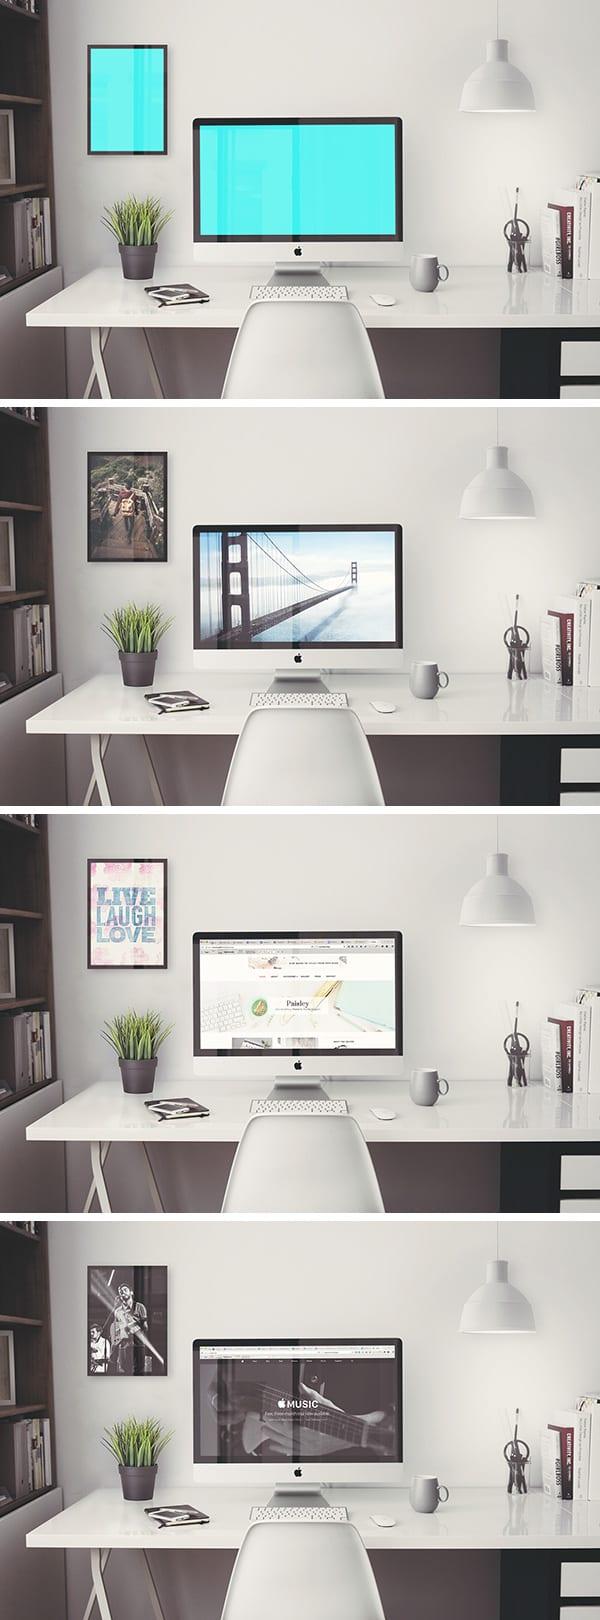 iMac-retina-mockup-600